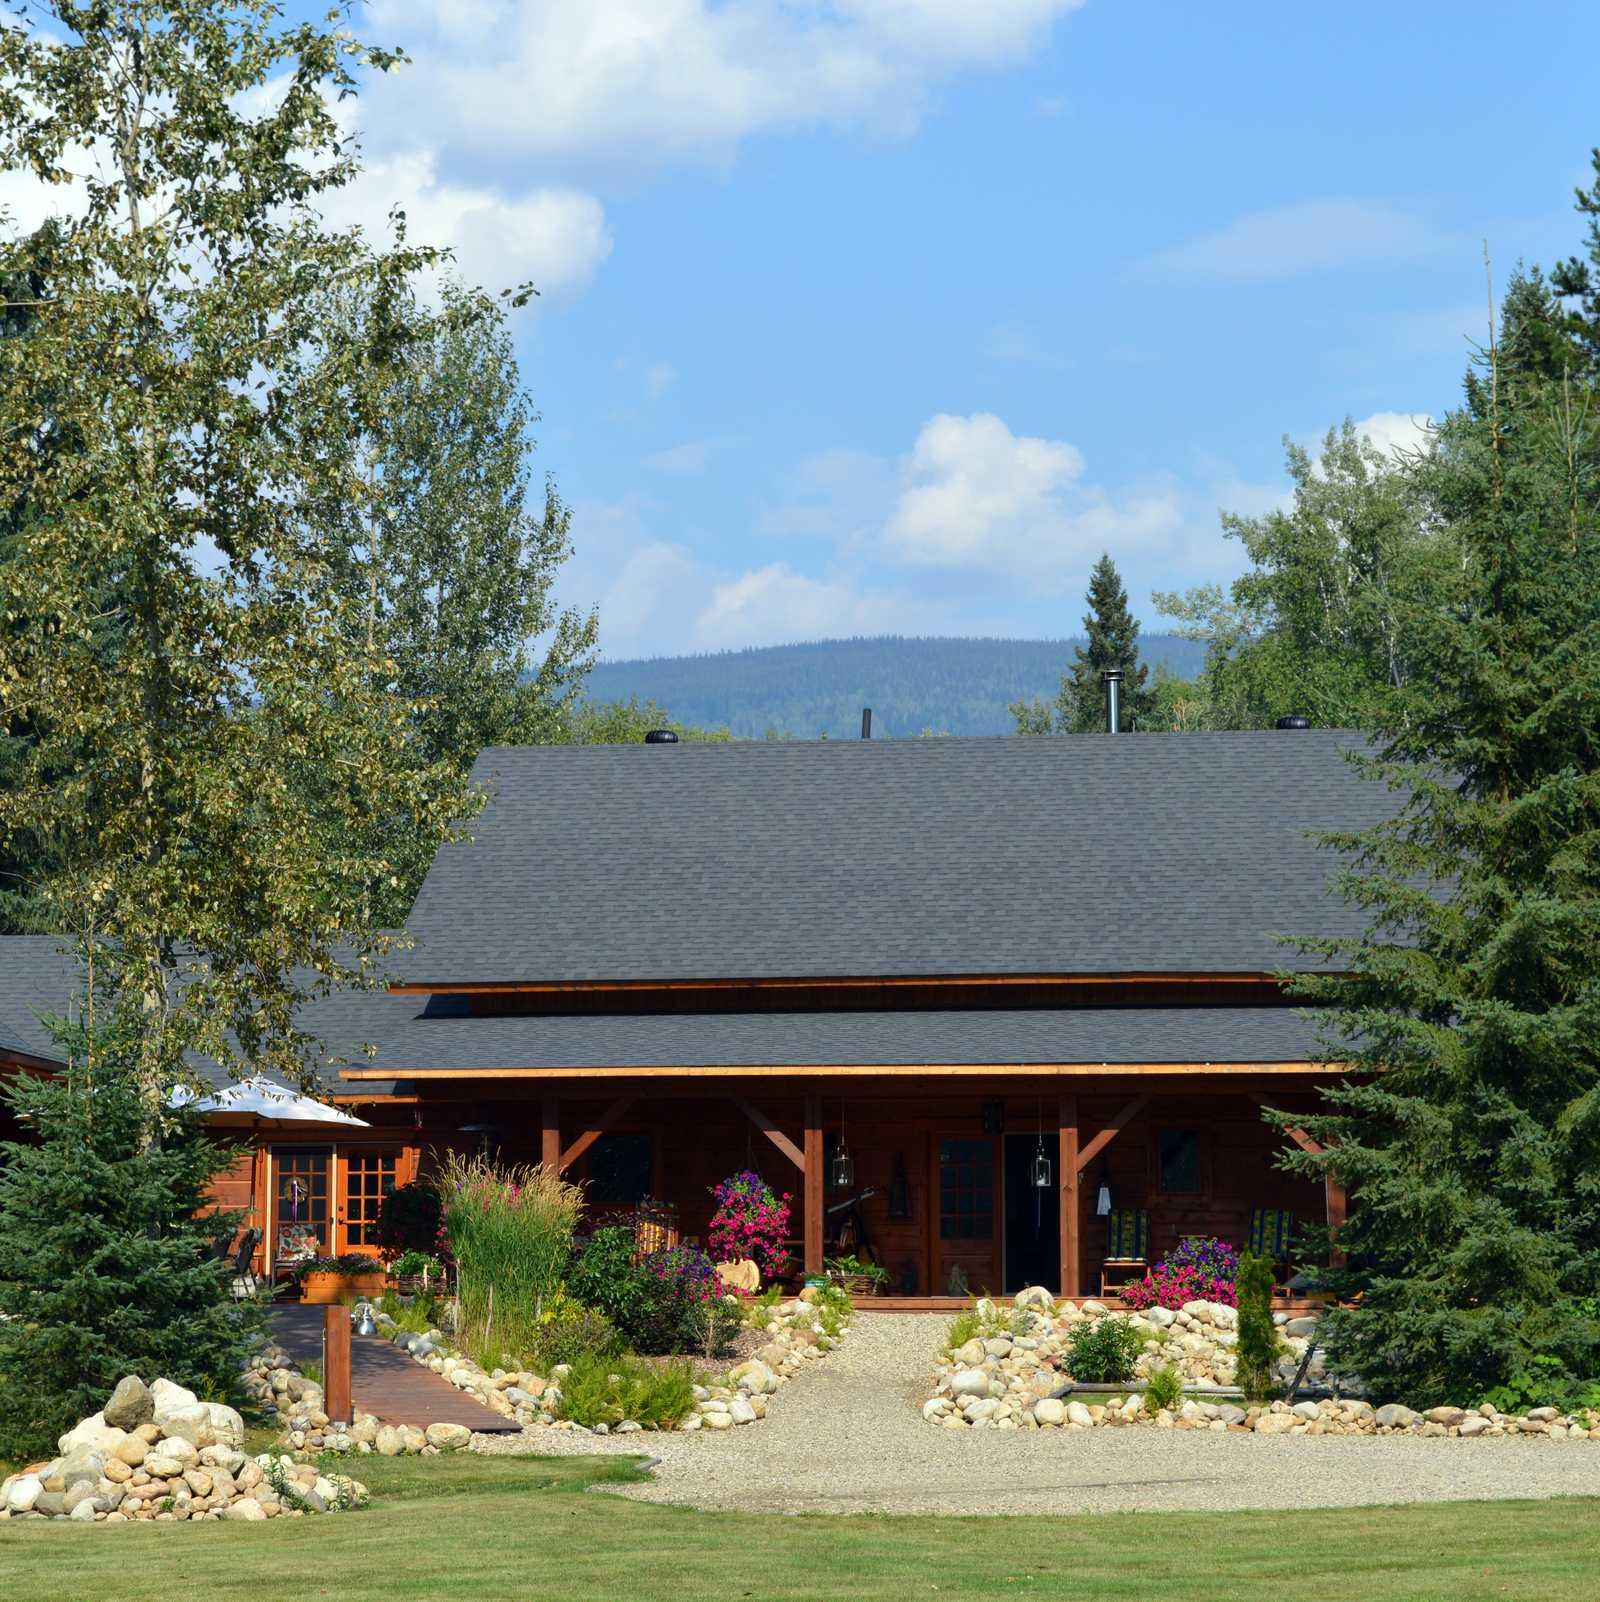 B & B: Moul Creek Lodge